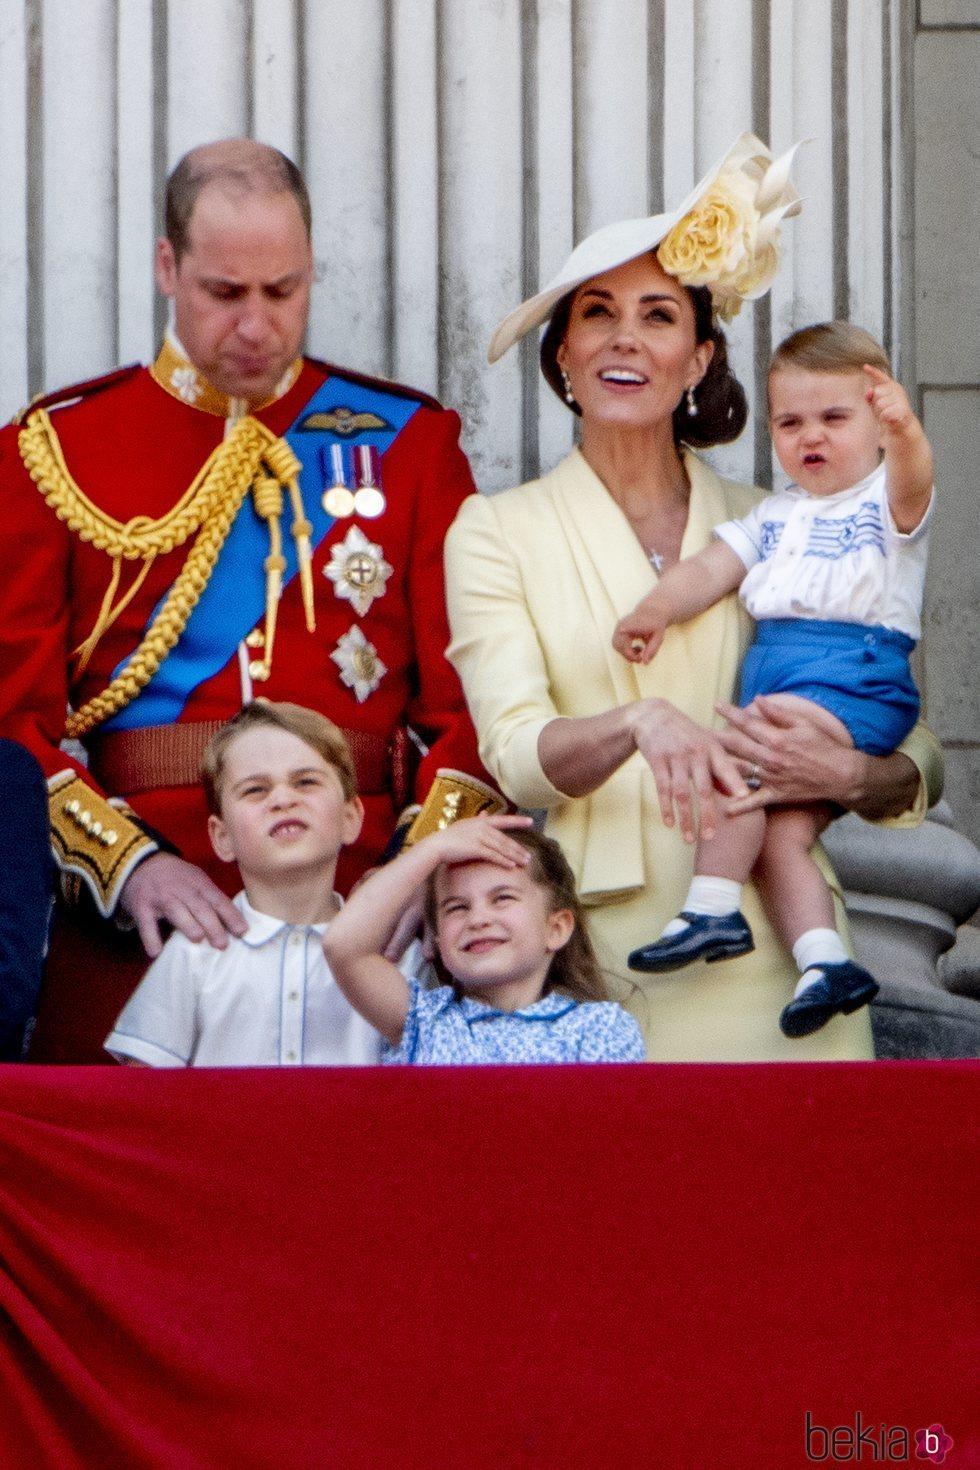 Los Duques de Cambridge con sus hijos Jorge, Carlota y Luis en Trooping the Colour 2019